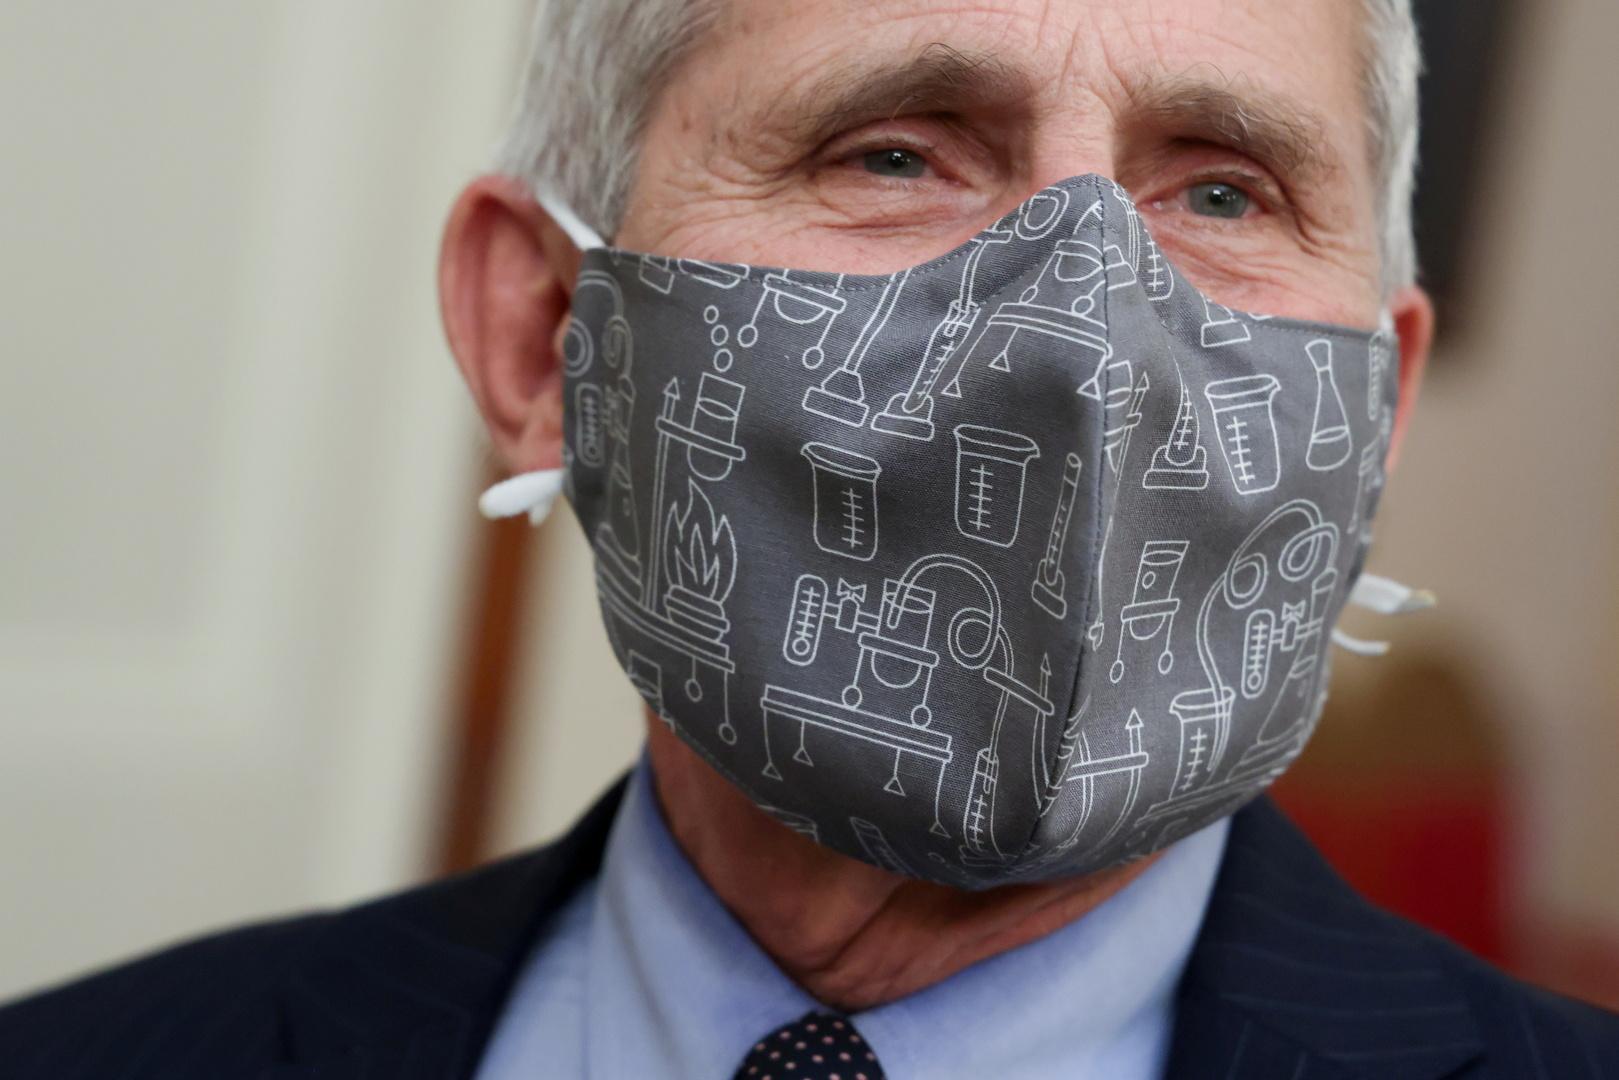 أنتوني فاوتشي، كبير خبراء الأمراض المعدية بالولايات المتحدة